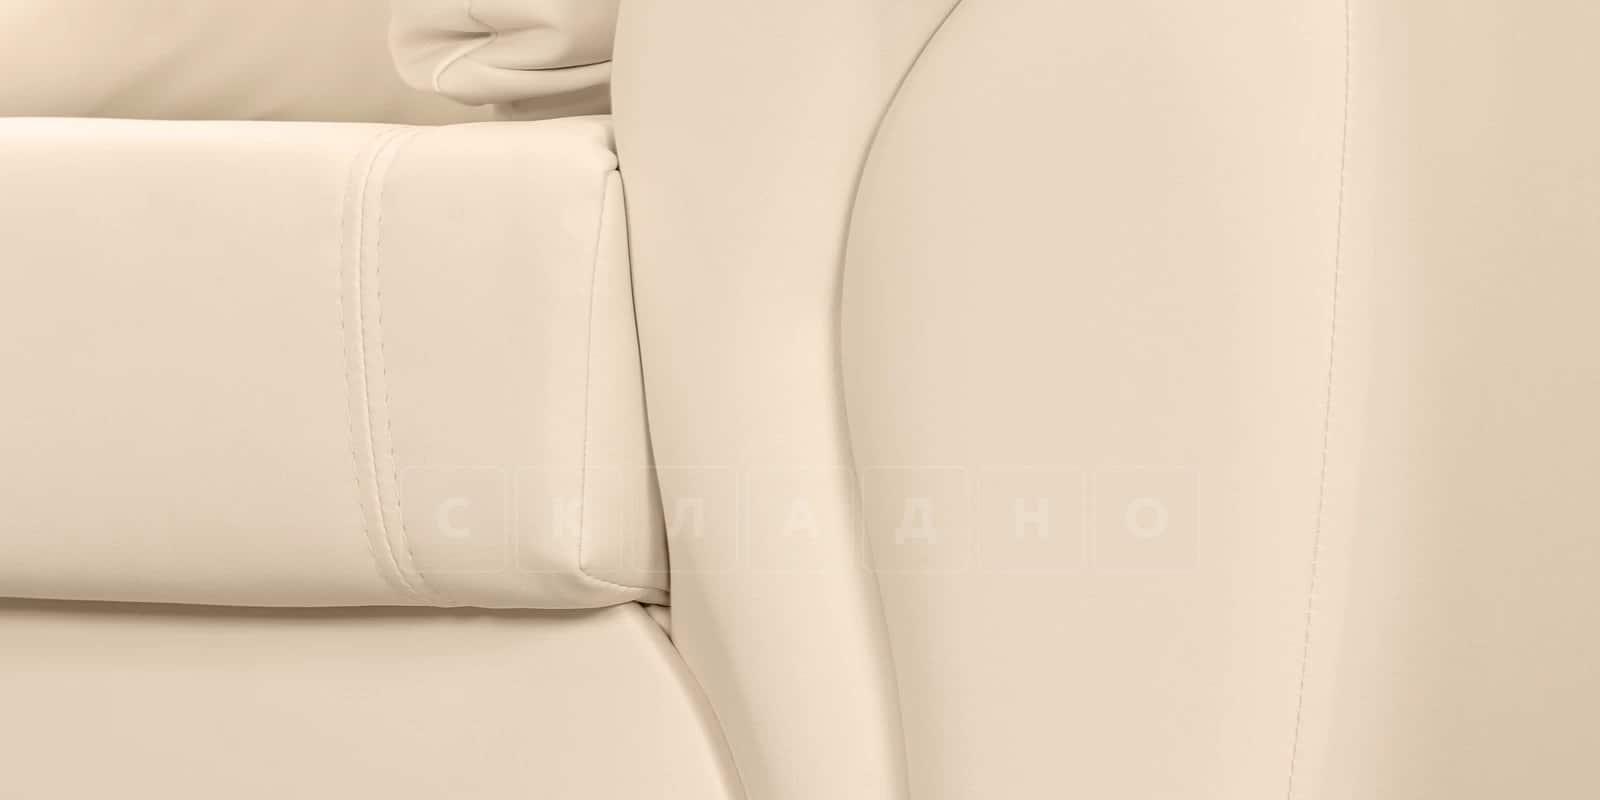 Кресло Бристоль кожаное бежевого цвета фото 5 | интернет-магазин Складно